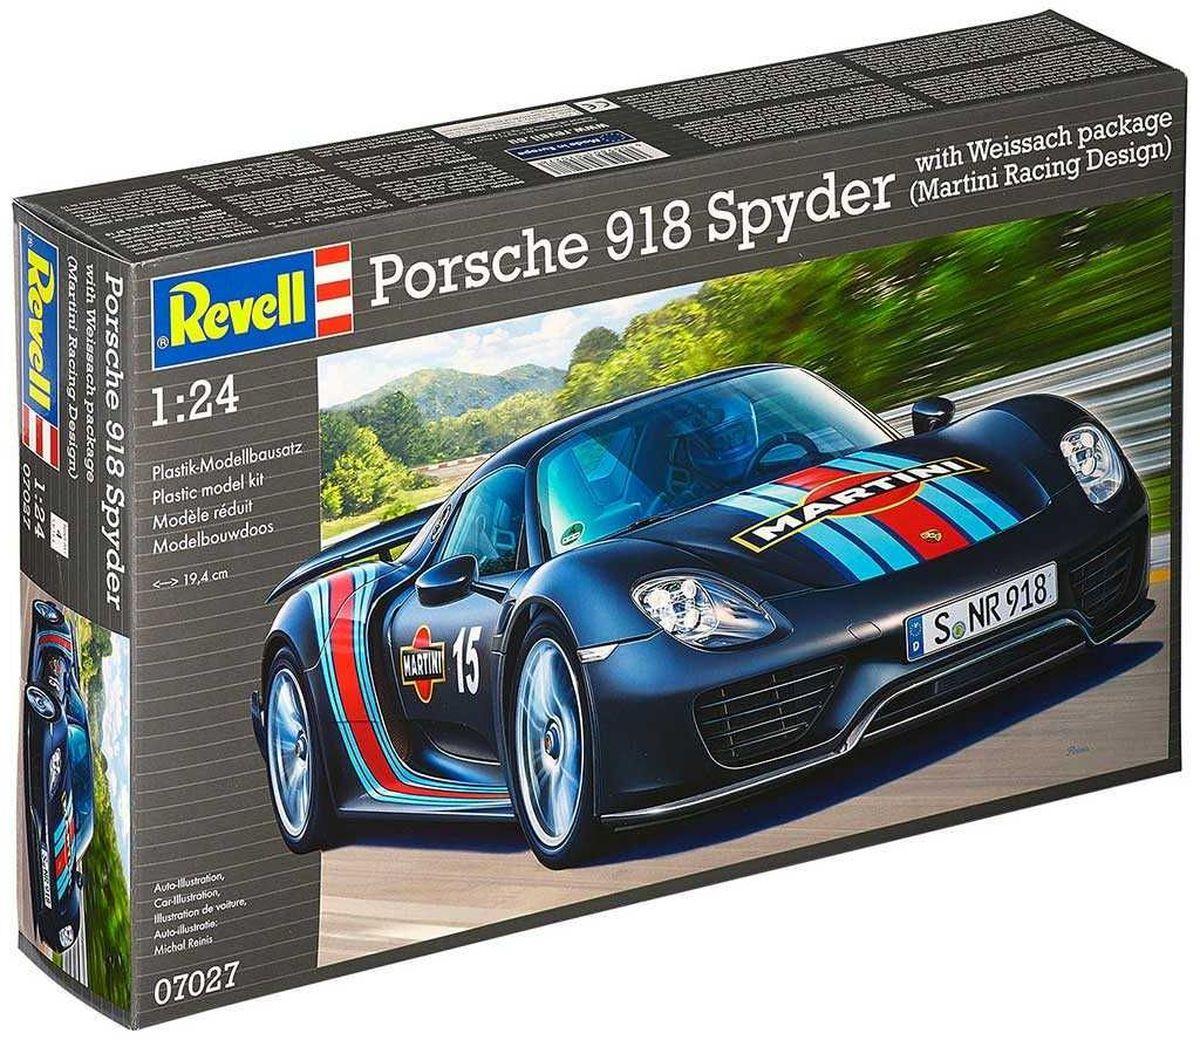 Revell Сборная модель Автомобиль Porsche 918 Spyder Martini Racing Design стоимость